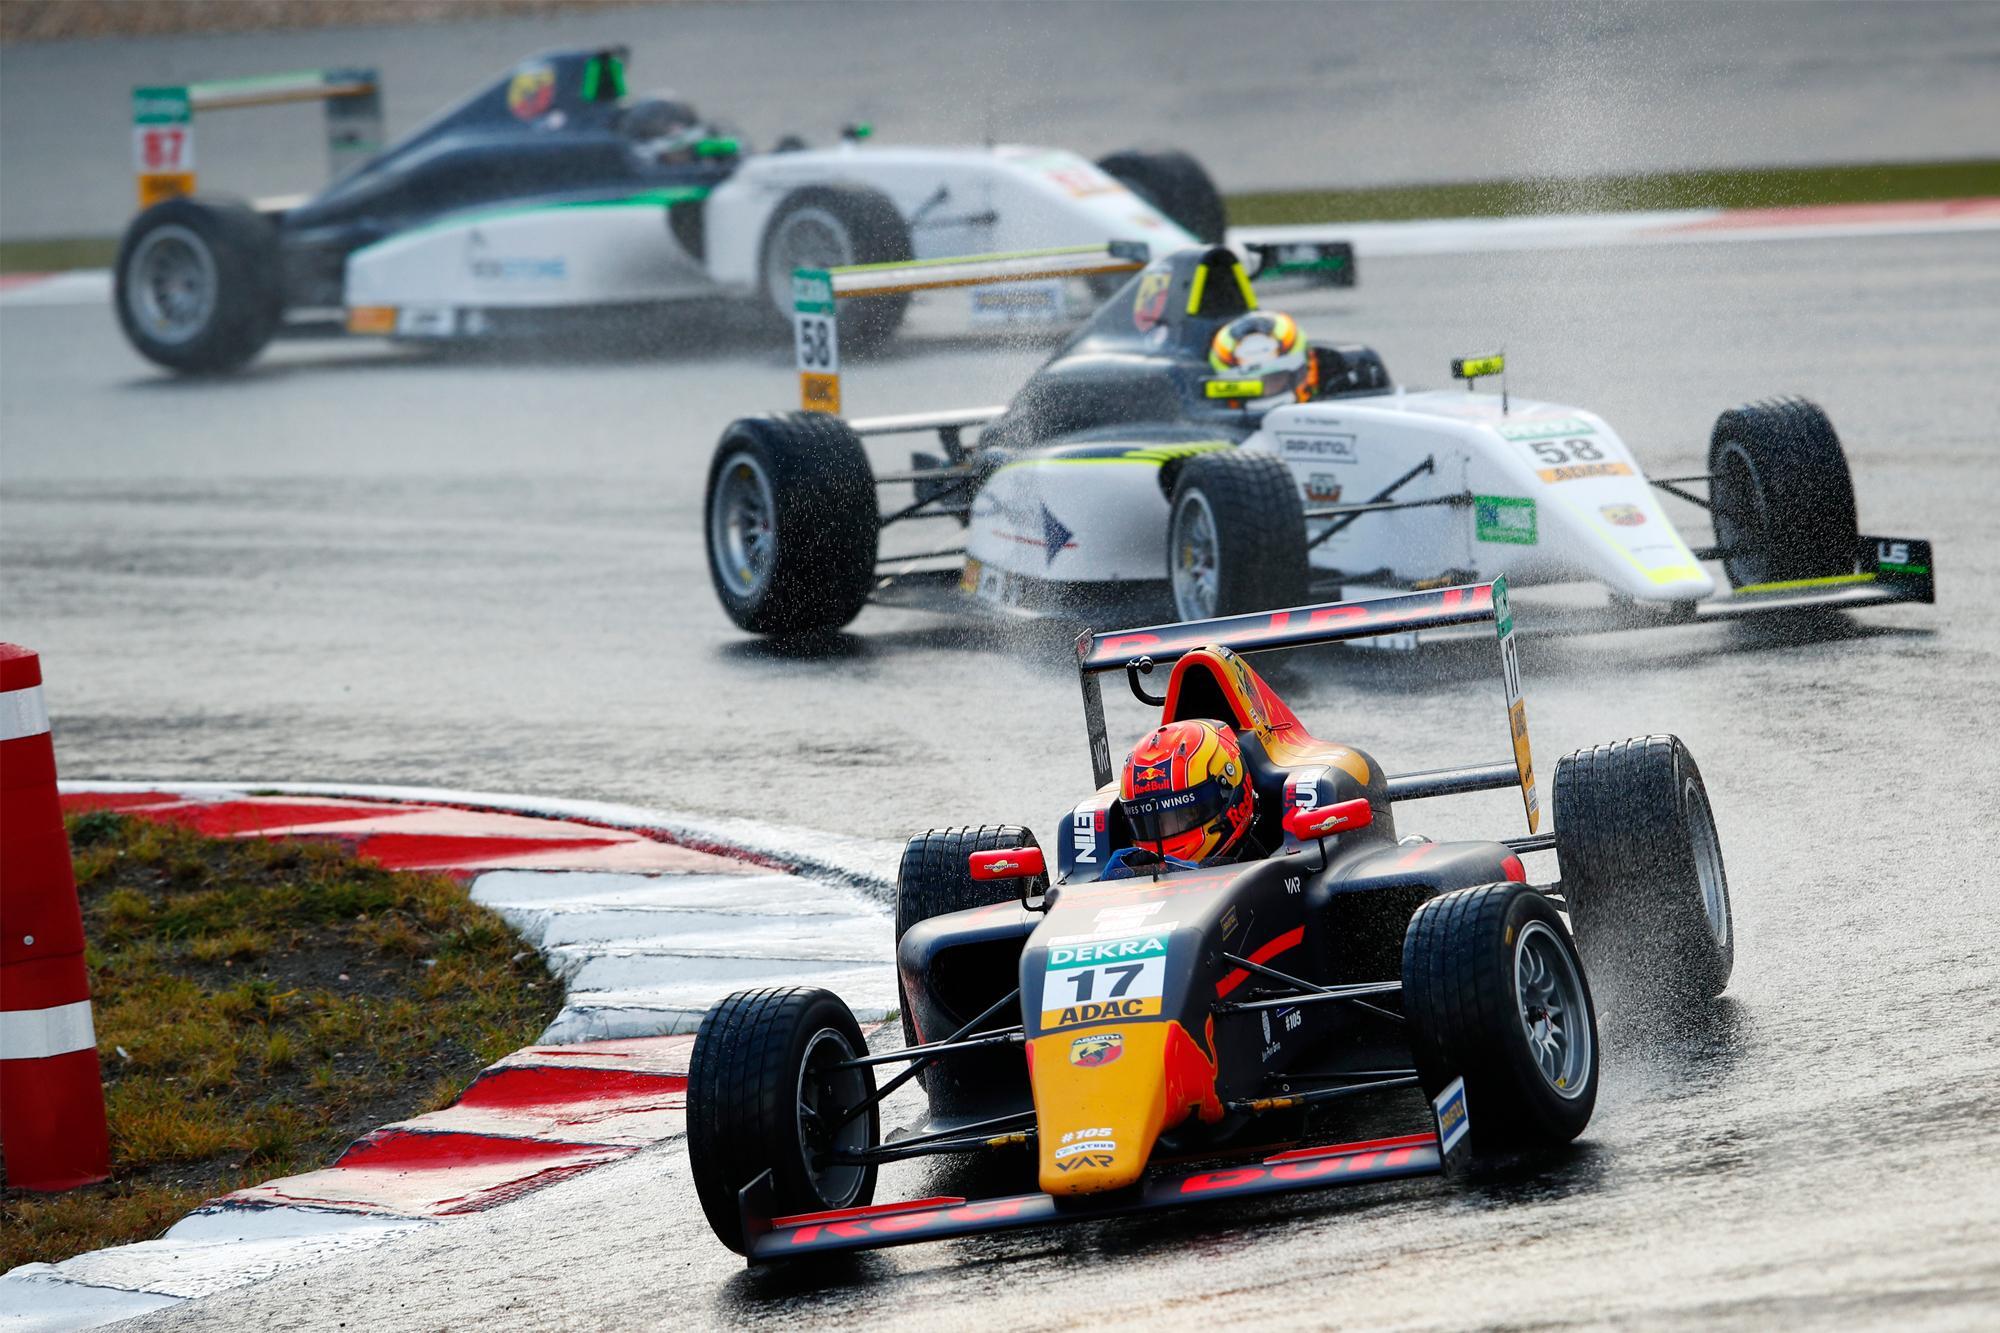 Ξεκινάει το πρωτάθλημα F4 Championship powered by Abarth